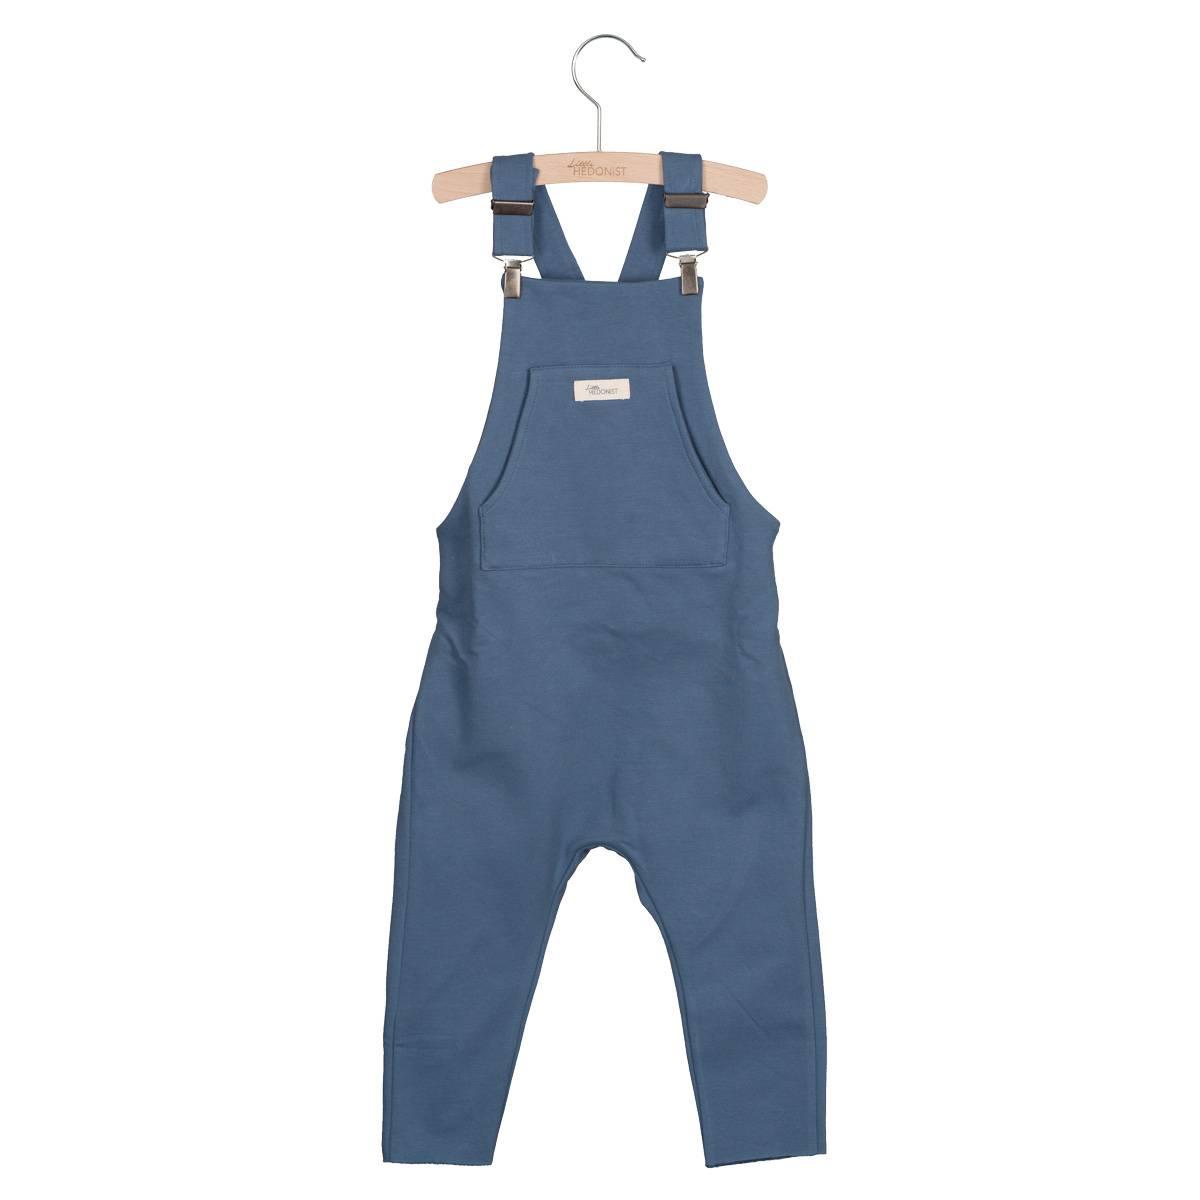 8cd17a1f Little Hedonist til barn, blå bukse fra Little Hedonist, snekkerbukse